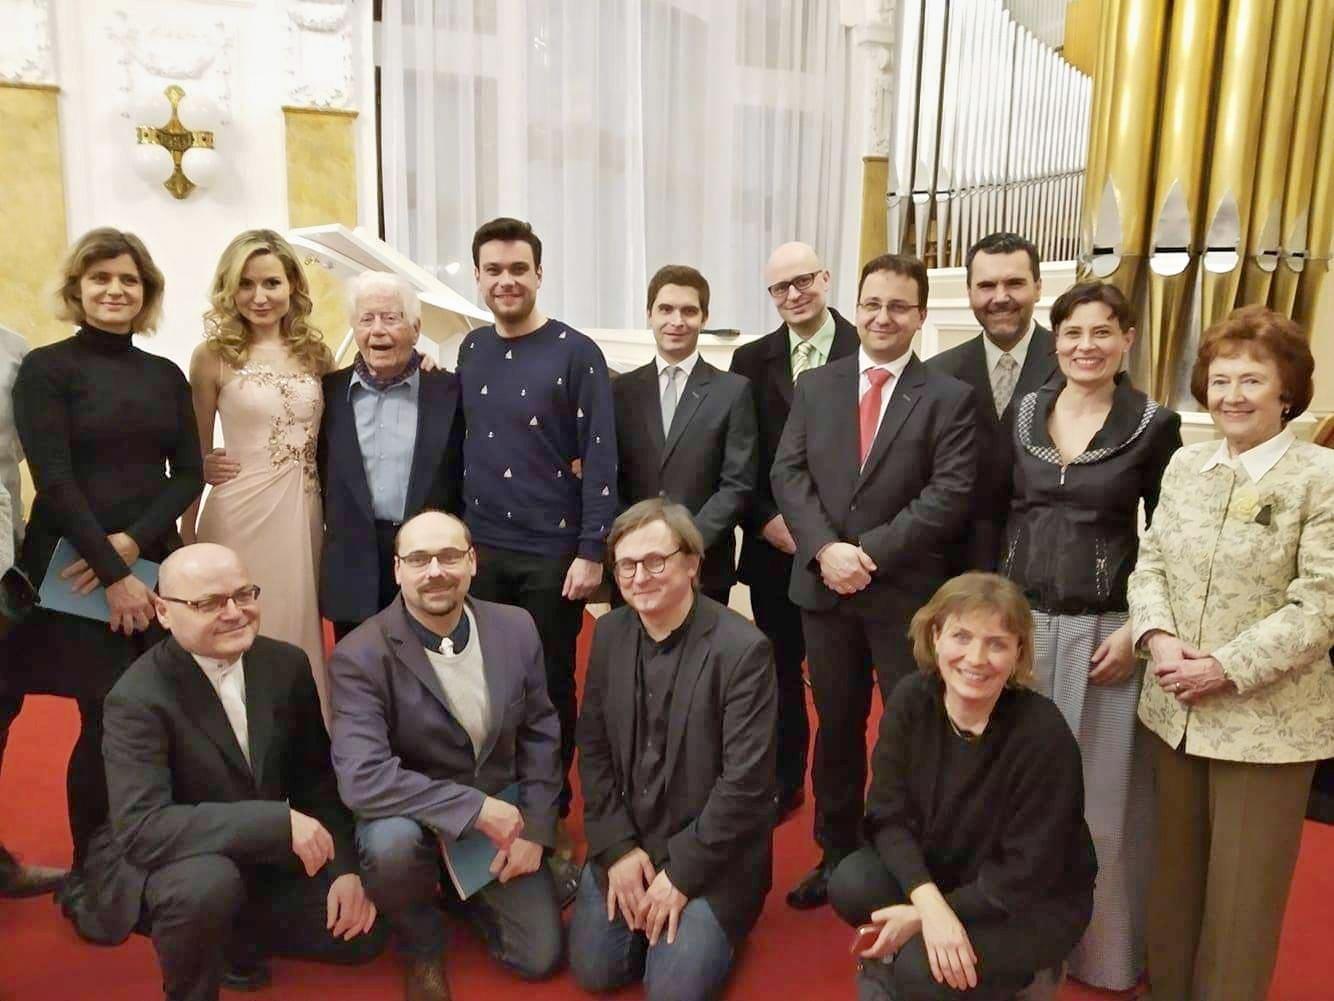 Gratulacni koncert. Profesor Zdeněk Gola a jeho žáci